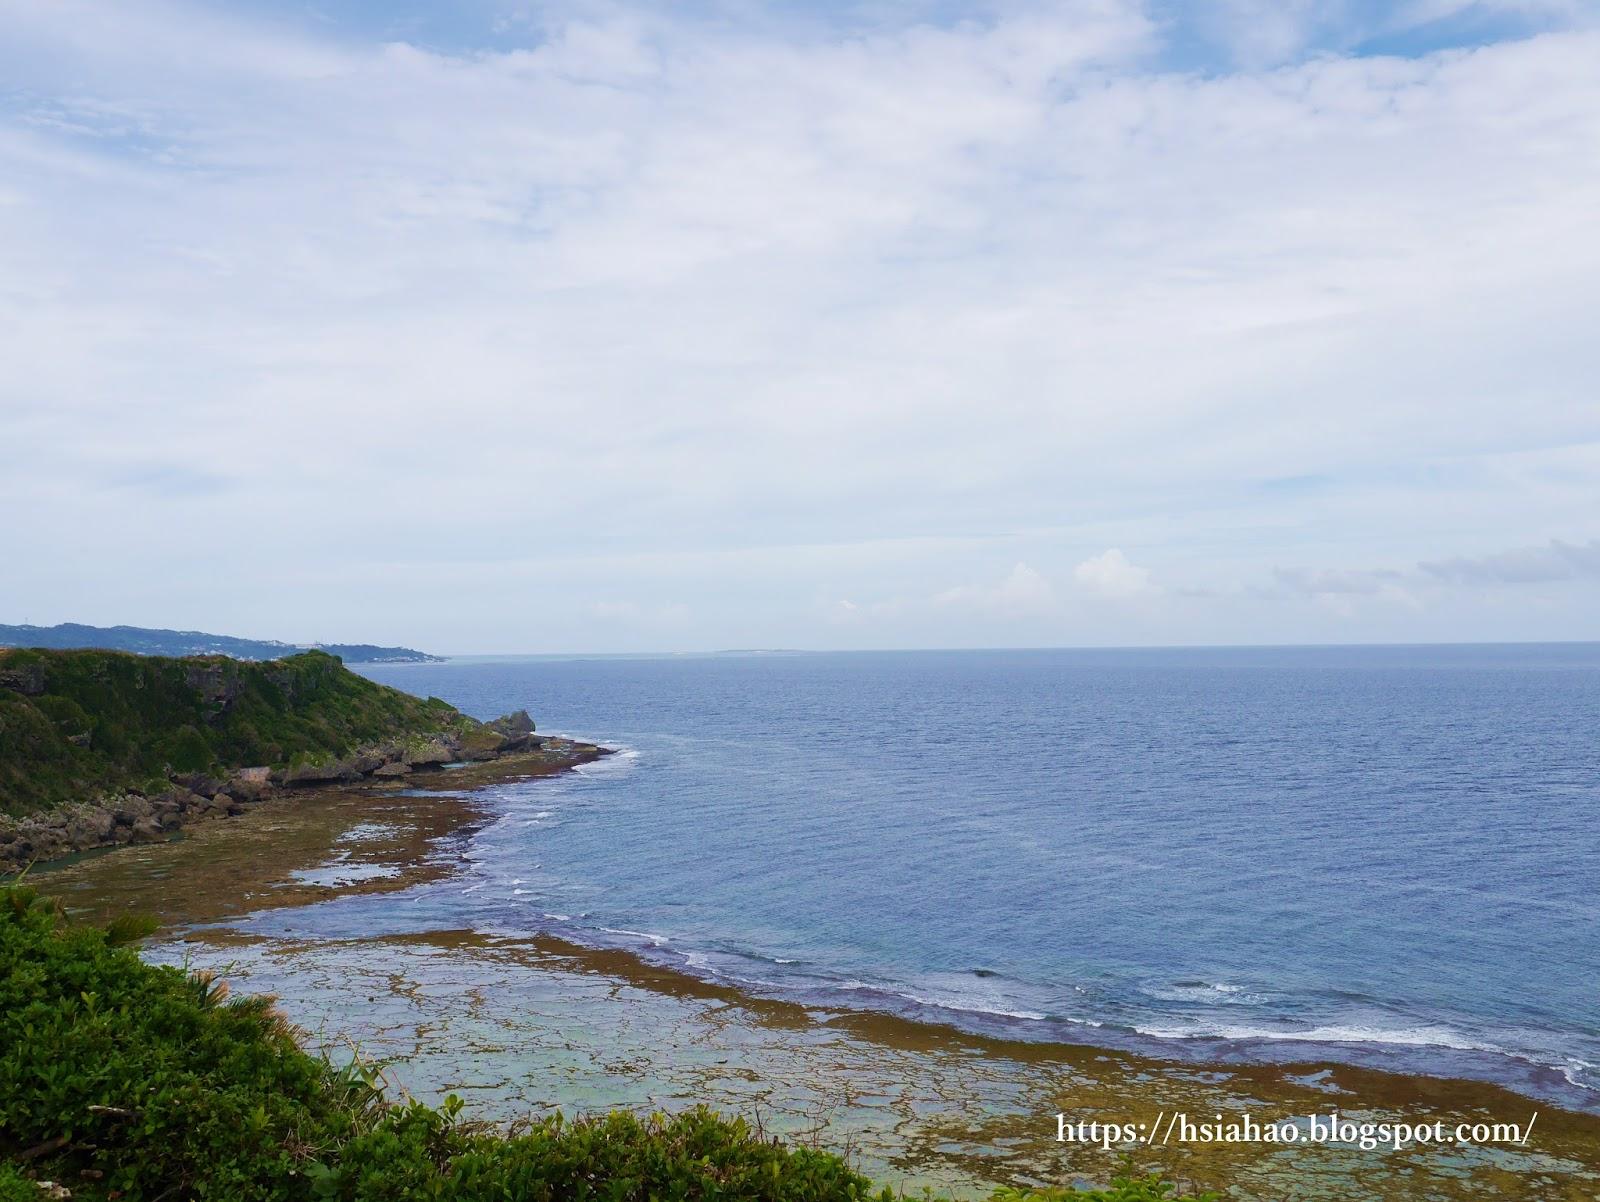 沖繩-景點-平和祈念公園-海景-自由行-旅遊-Okinawa-peace-park